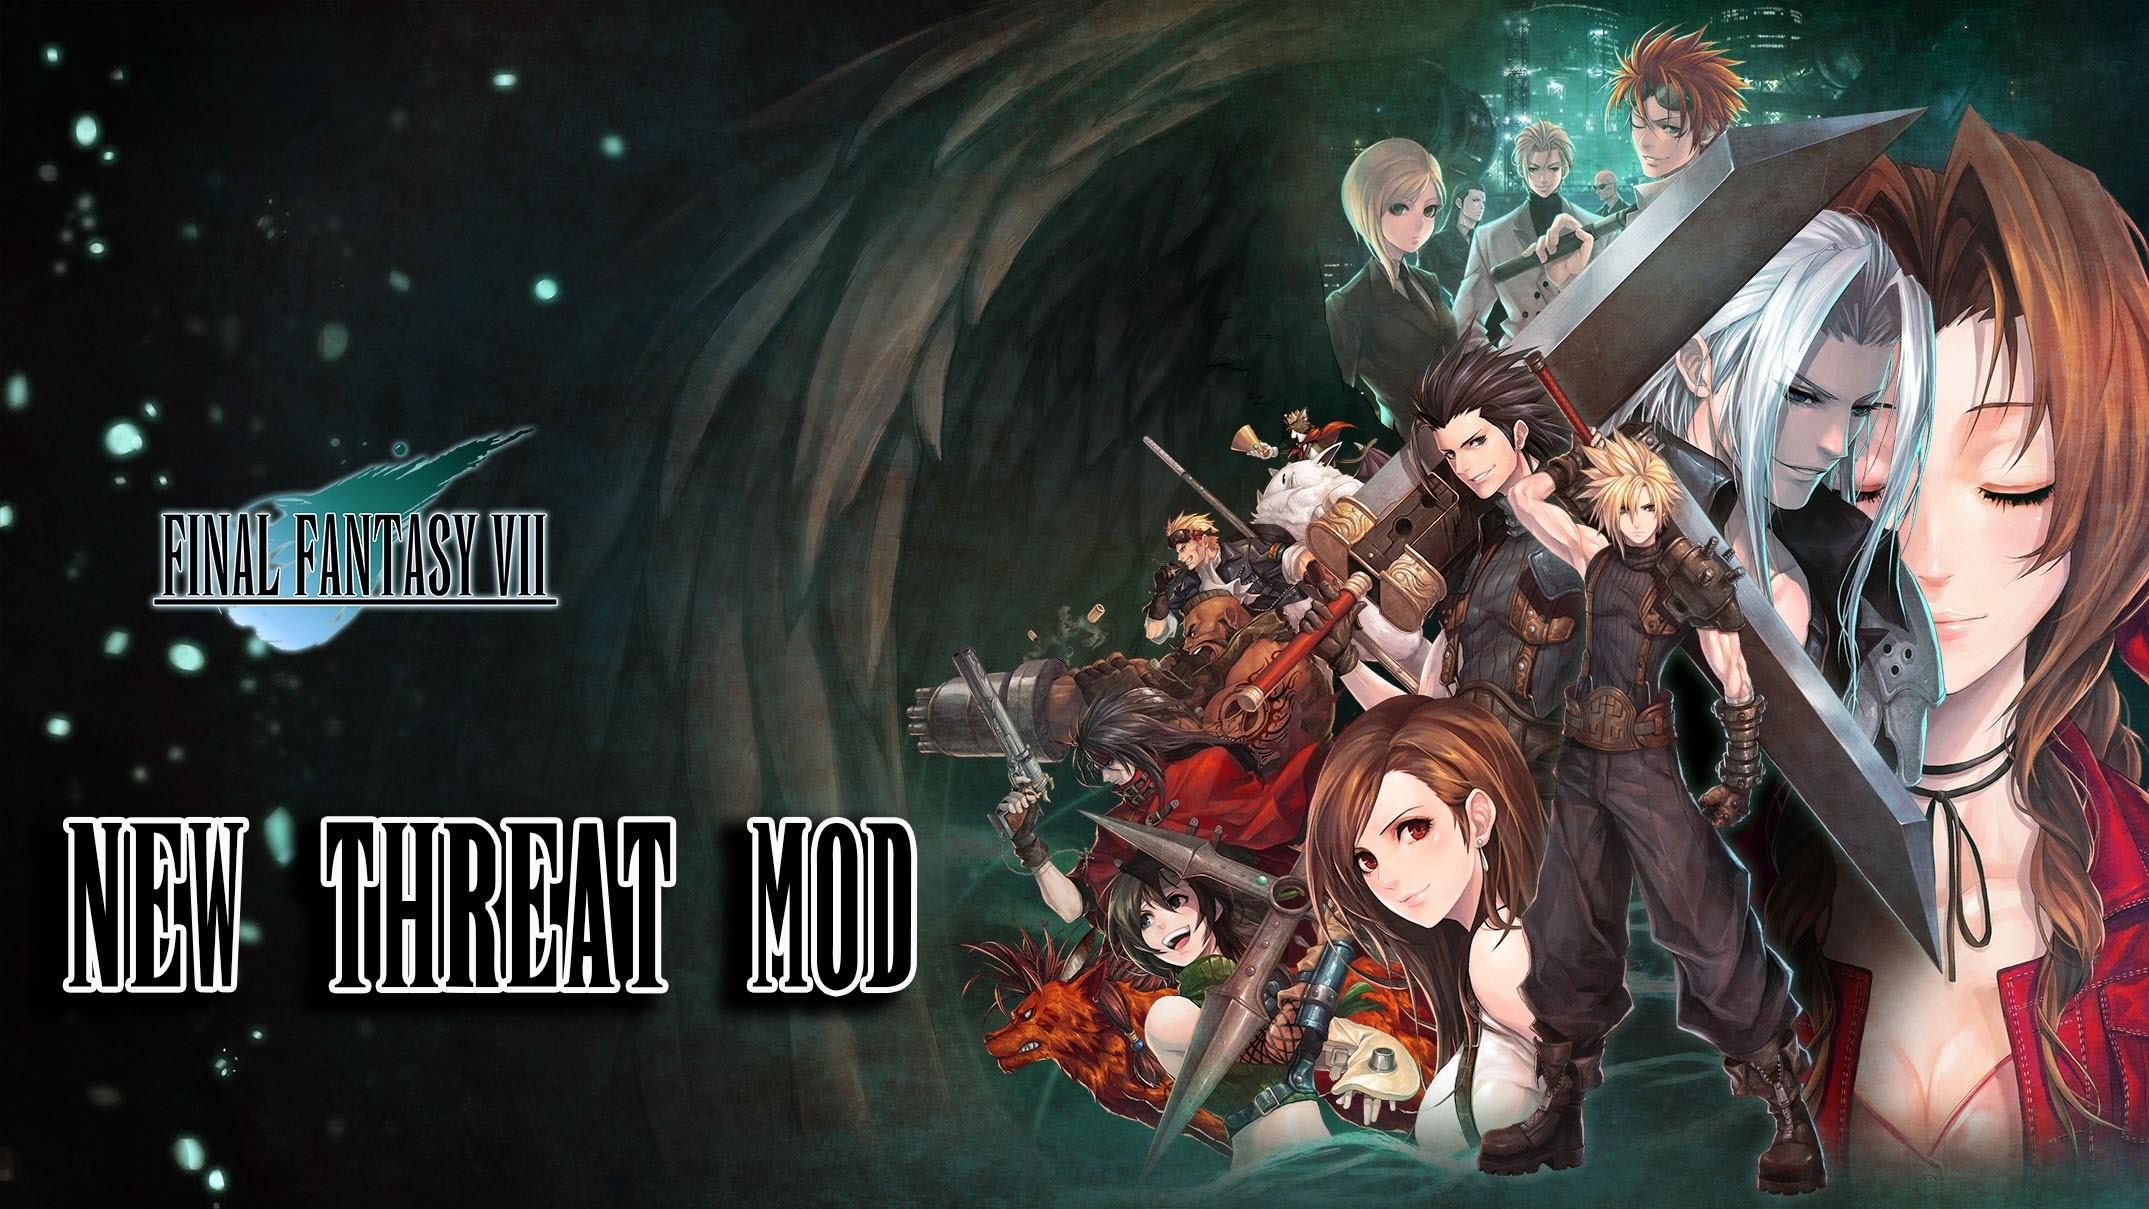 Final Fantasy 7 Remake Wallpaper 84 Images